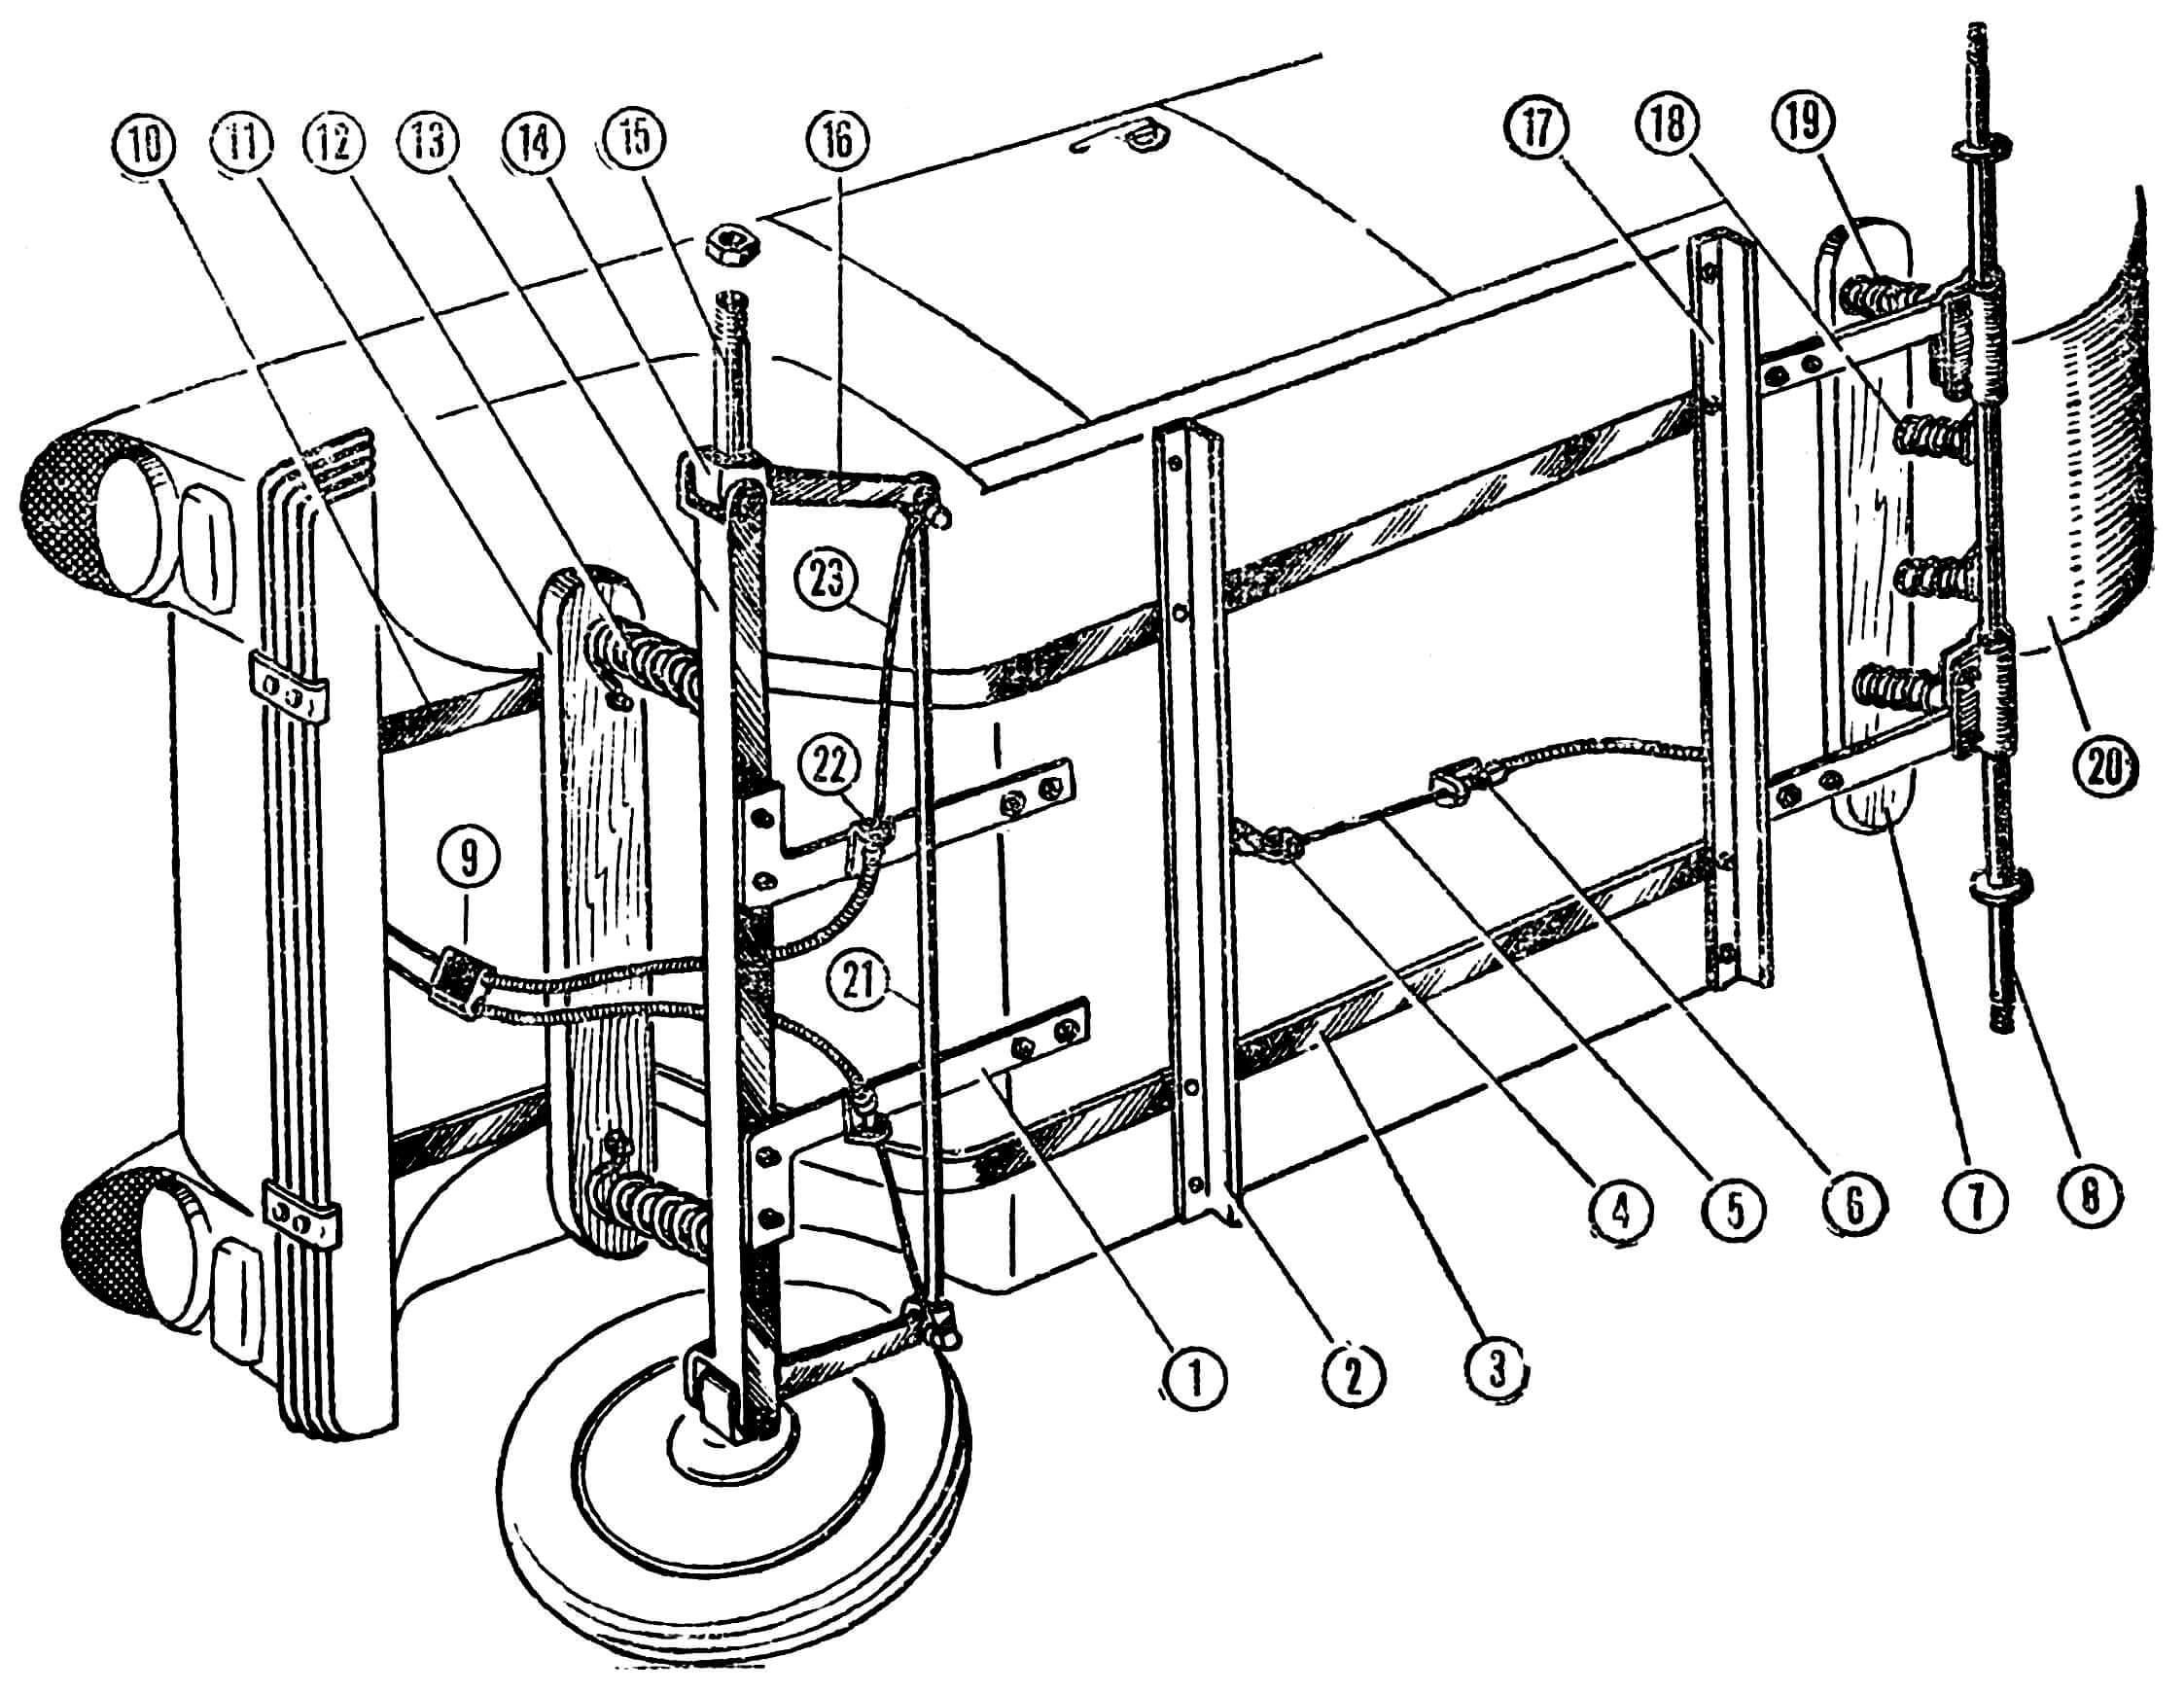 Рис. 3. Вид микроавтомобиля снизу: 1 — продольные (реактивные) рычаги крепления балки к кузову (полосовая сталь 30x5 мм); 2 — дюралевый уголок 30x30 мм; 3 — рама; 4 — нижний конец рычага управления сцеплением; 5 — трос сцепления; 6 — штуцер троса сцепления; 7 — опорная площадка заднего моста; 8 — задняя ось; 9 — колодка тросов рулевого управления; 10 — передняя часть рамы; 11 — опорная площадка переднего моста; 12 — пружина подвески переднего моста; 13 — балка переднего моста; 14 — поворотный шарнир; 15 — ось переднего колеса; 16 — поворотный рычаг; 17 — дюралевый уголон 30 х 30 мм; 18 — вспомогательная пружина подвески заднего моста; 19 — основная пружина подвески заднего моста; 20 — поддон; 21 — поперечная рулевая тяга; 22 — штуцеры рулевых тросов; 23 — рулевые тросы.